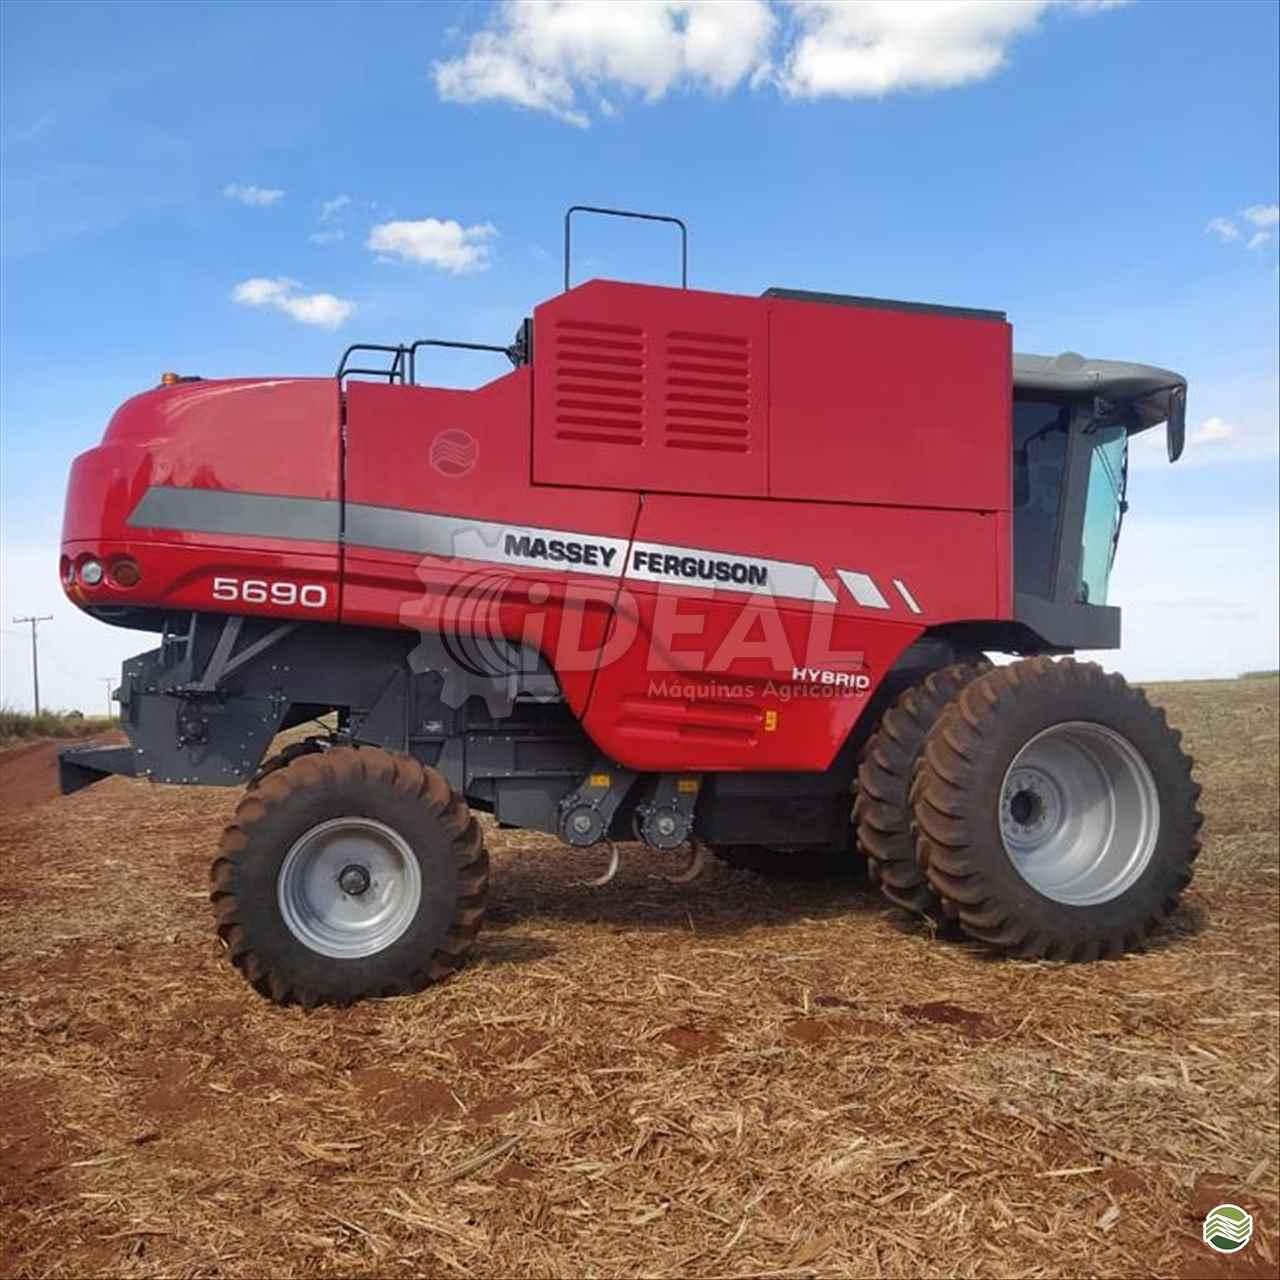 COLHEITADEIRA MASSEY FERGUSON MF 5690 Ideal Máquinas Agrícolas SAO GONCALO DO SAPUCAI MINAS GERAIS MG